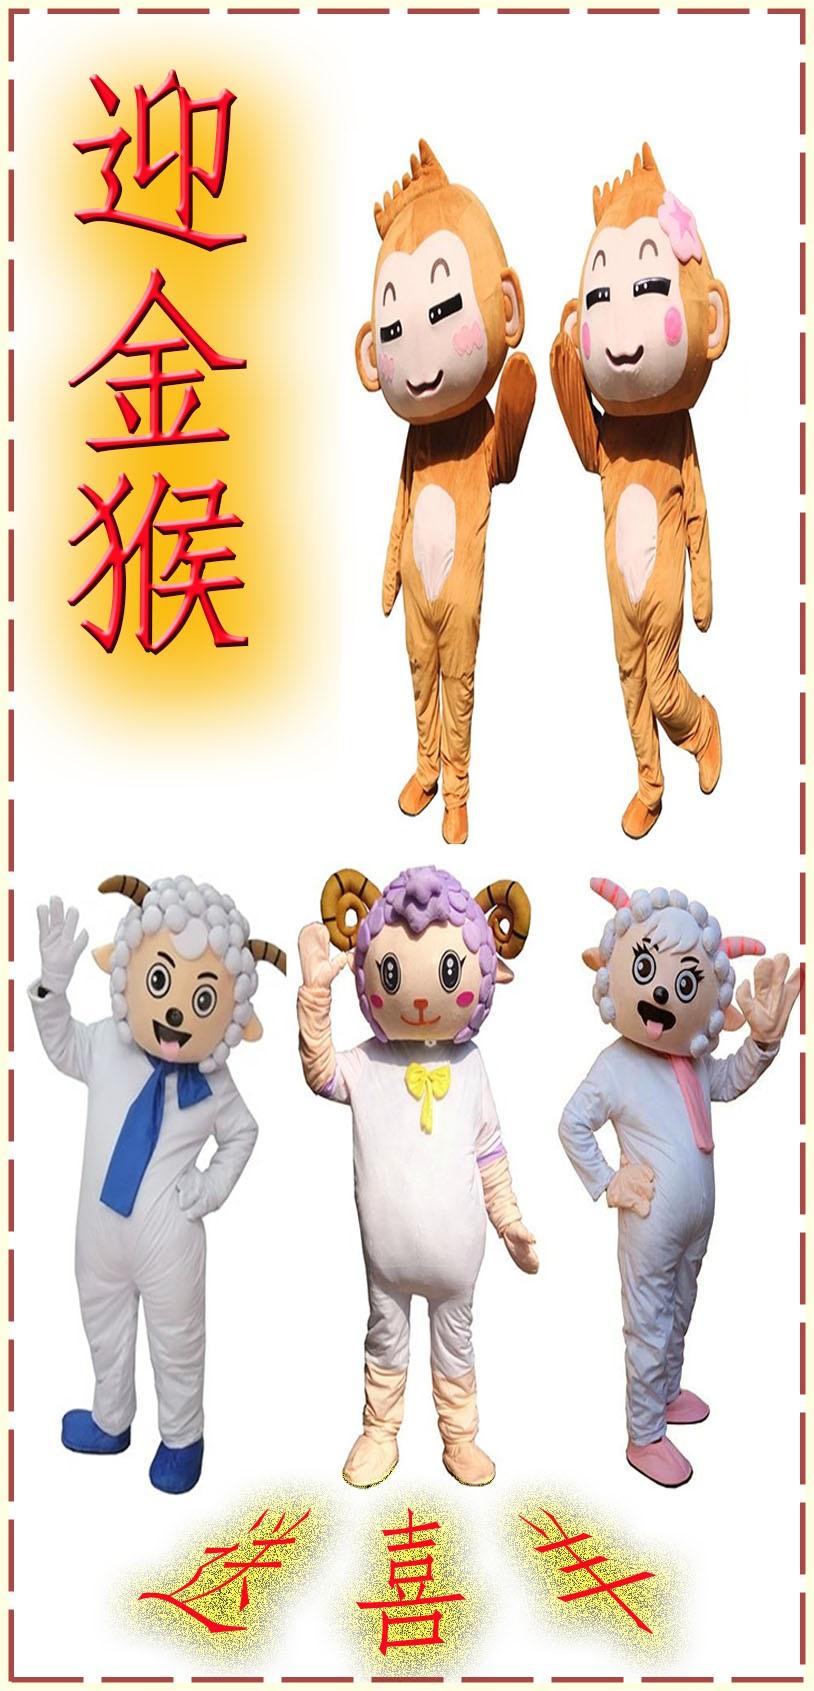 猴子羊图片大全可爱